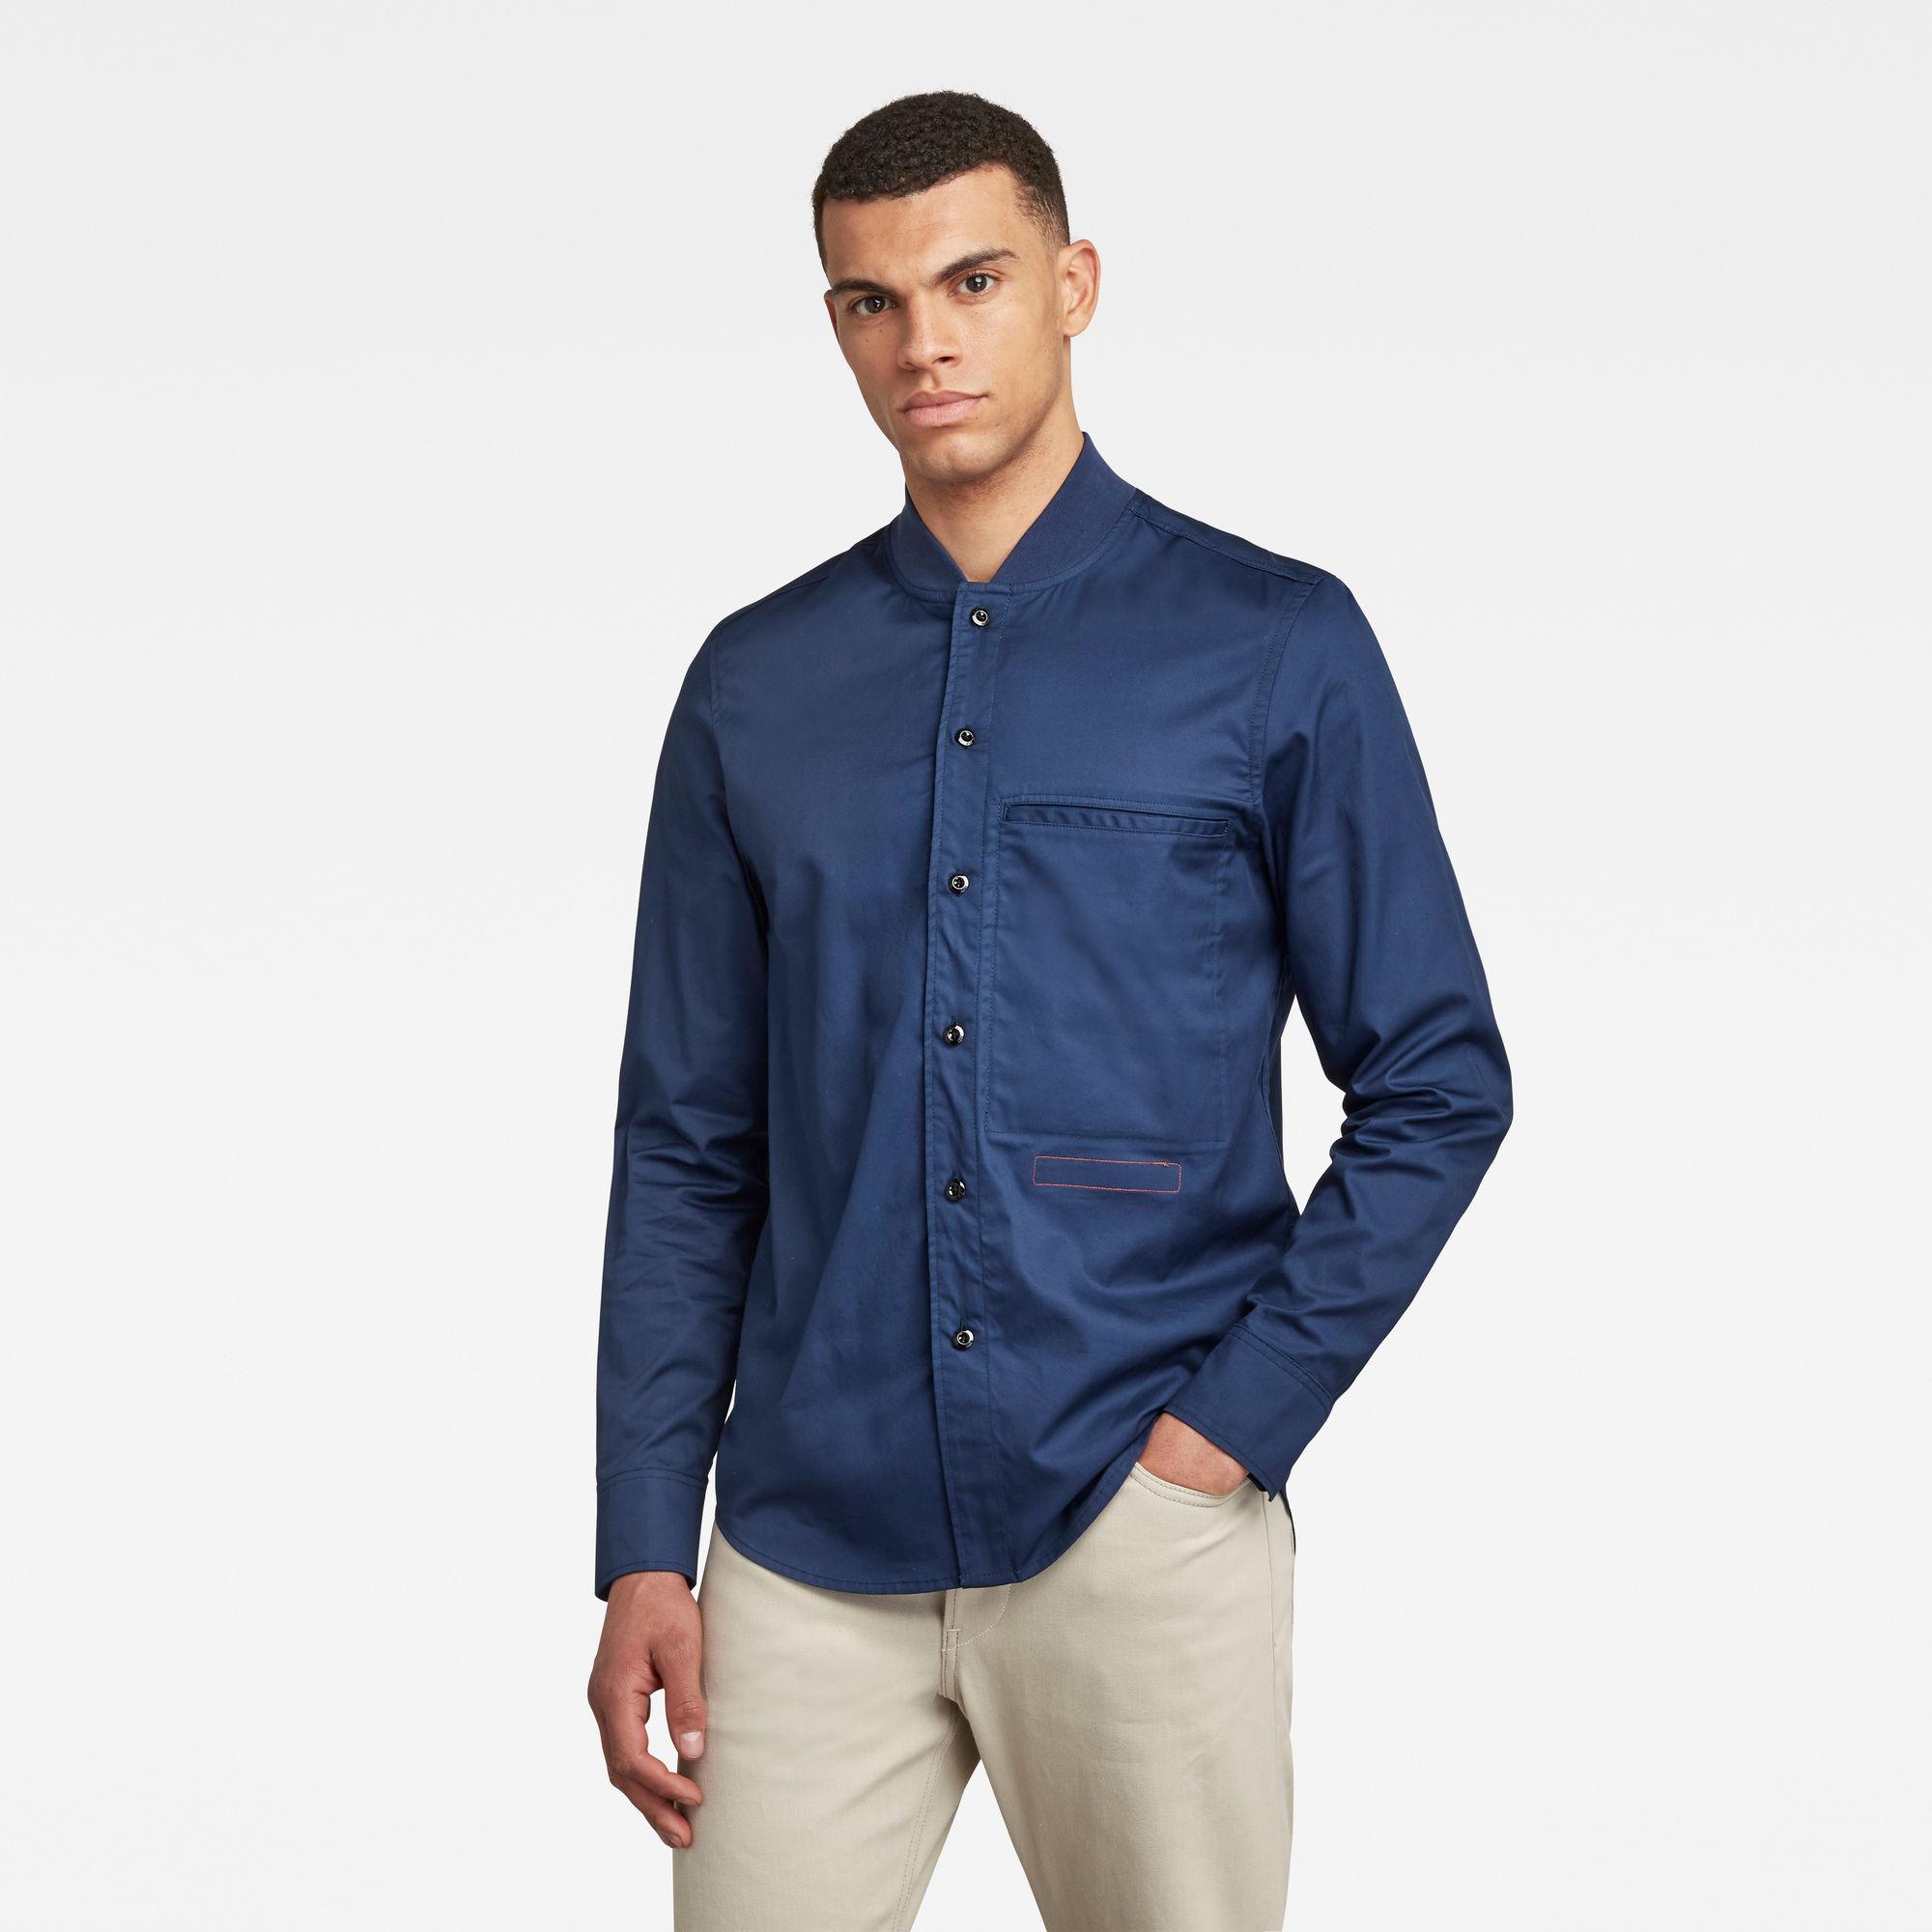 G-Star RAW Heren Bomber Collar Regular Shirt Donkerblauw